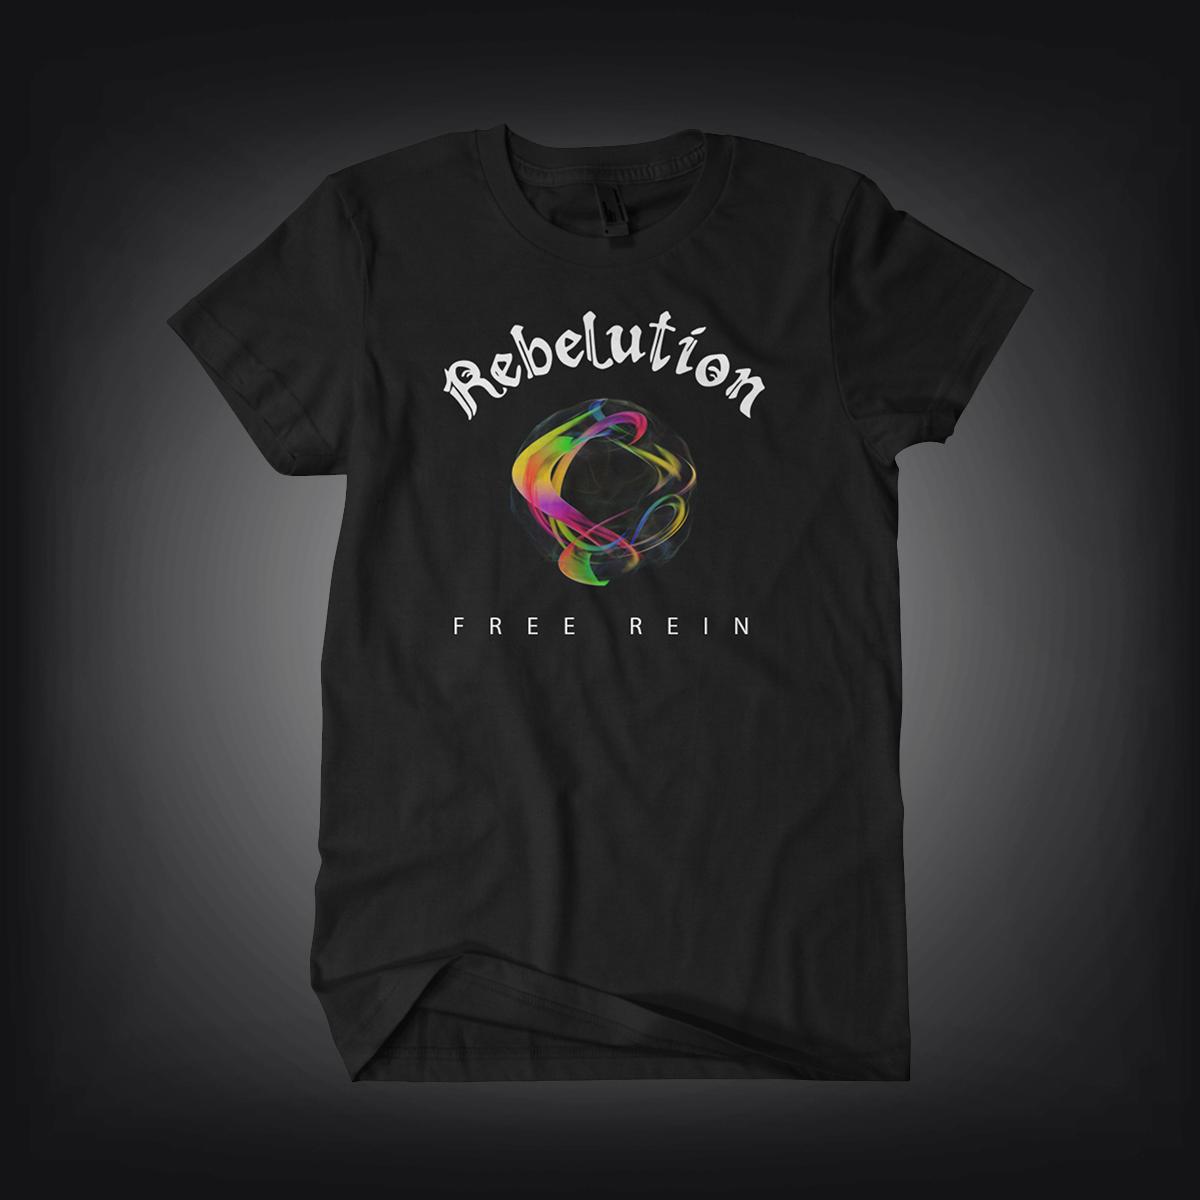 Rebelution: Free Rein Men's Album Tee